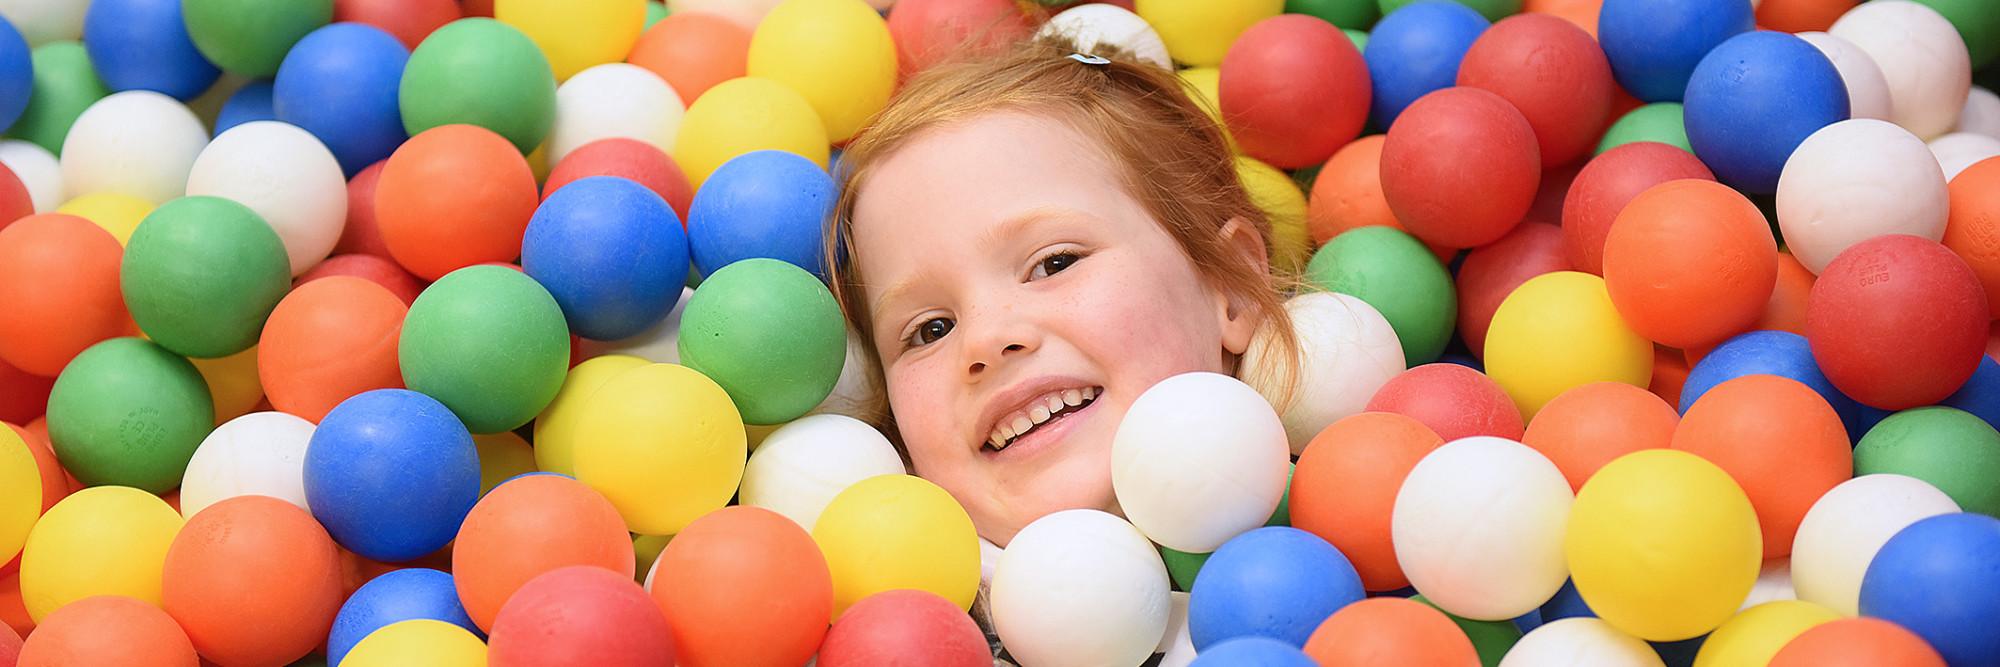 Ein Kind schaut glücklich aus einem Bällebad.